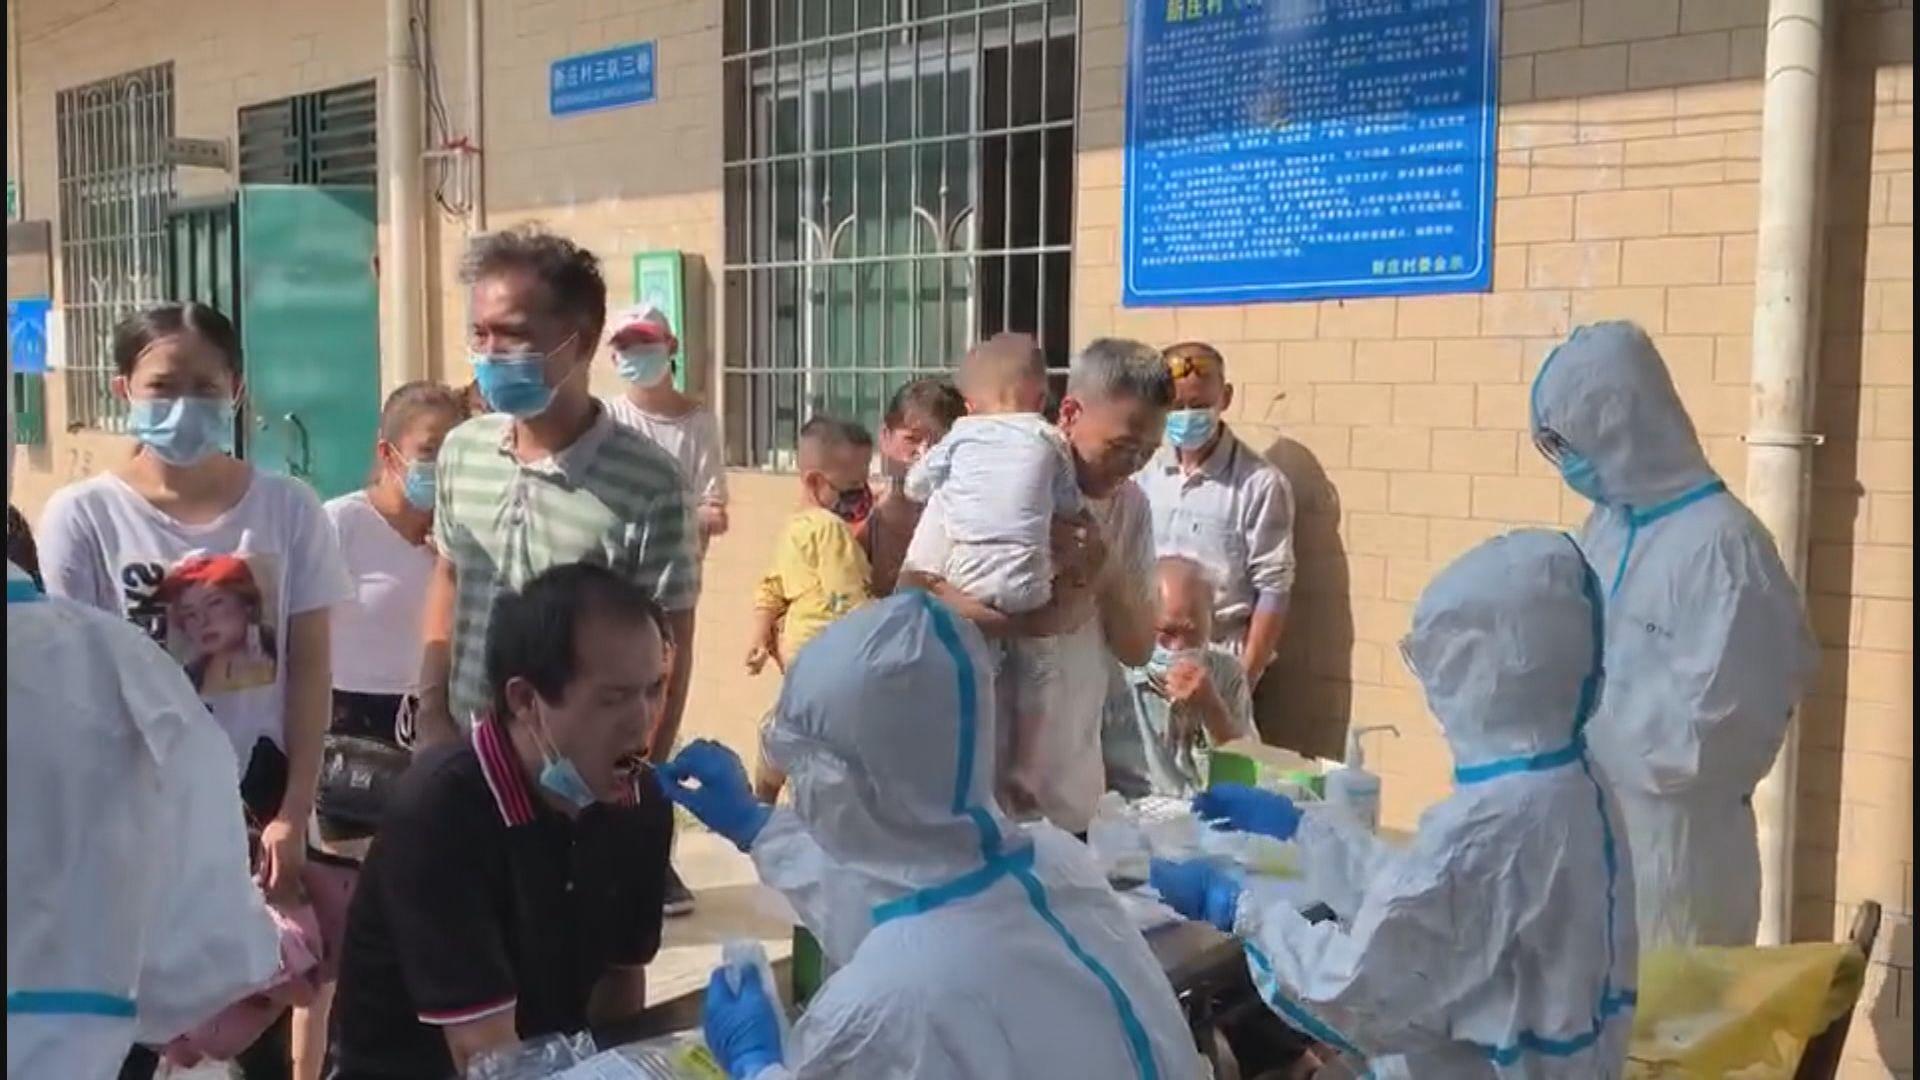 廣州無症狀感染個案曾為隔離者送餐